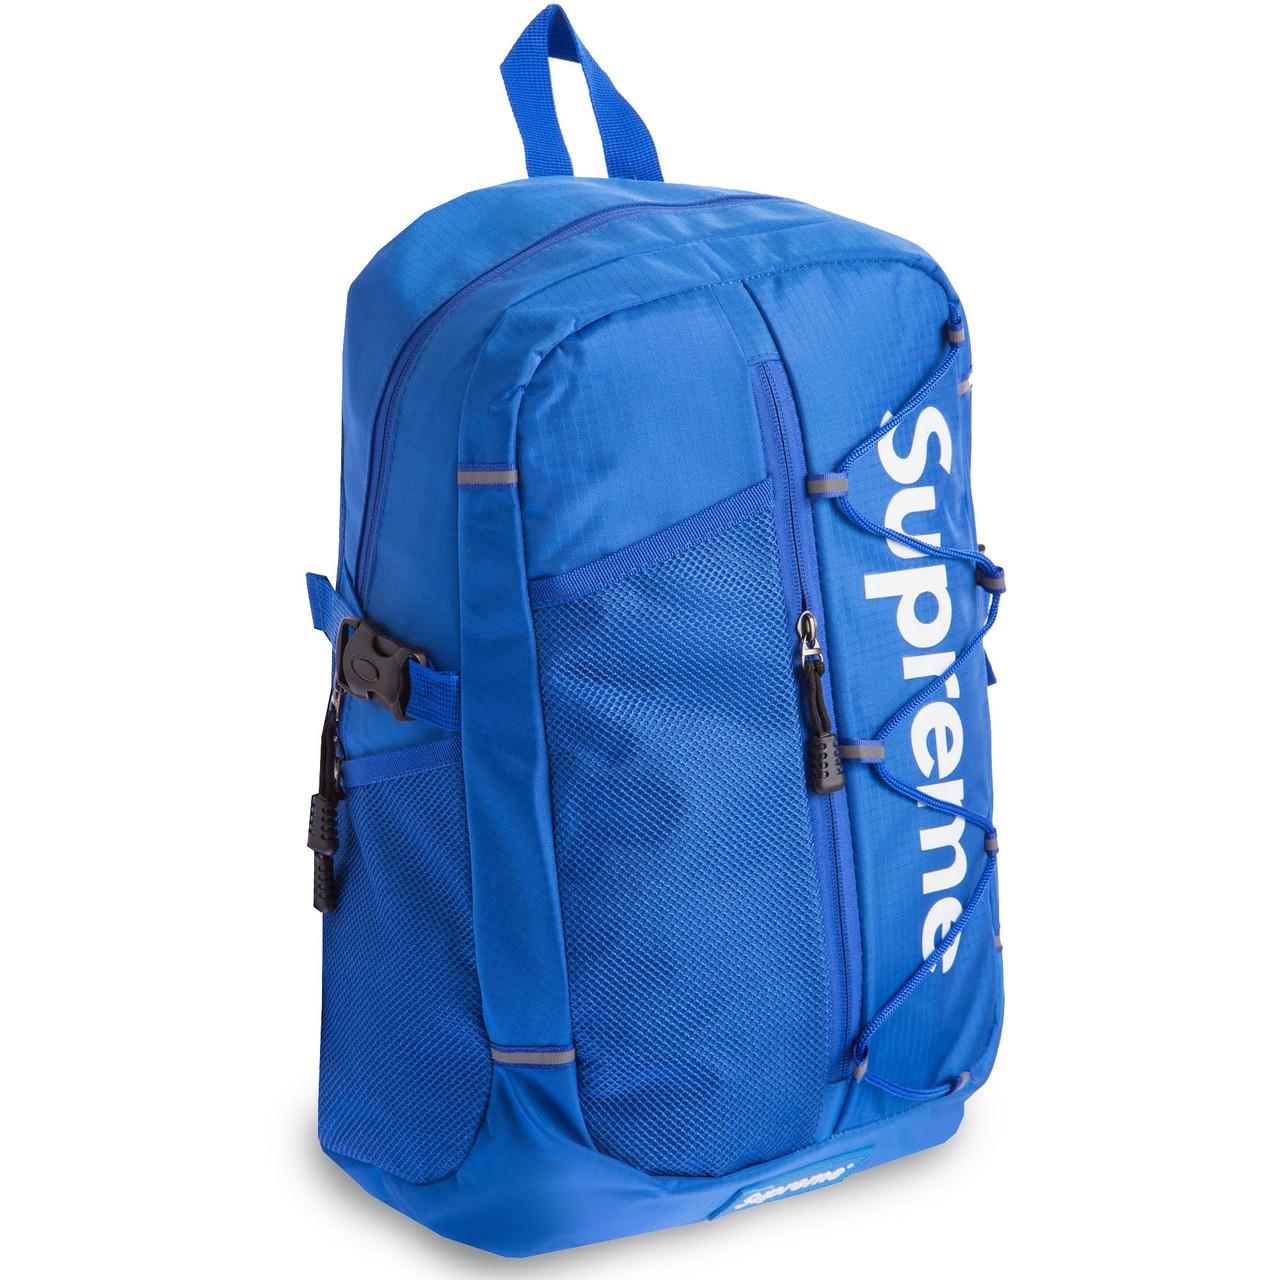 Рюкзак спортивный Supreme (нейлон, 45х30х15см) Синий PZ-8028_1